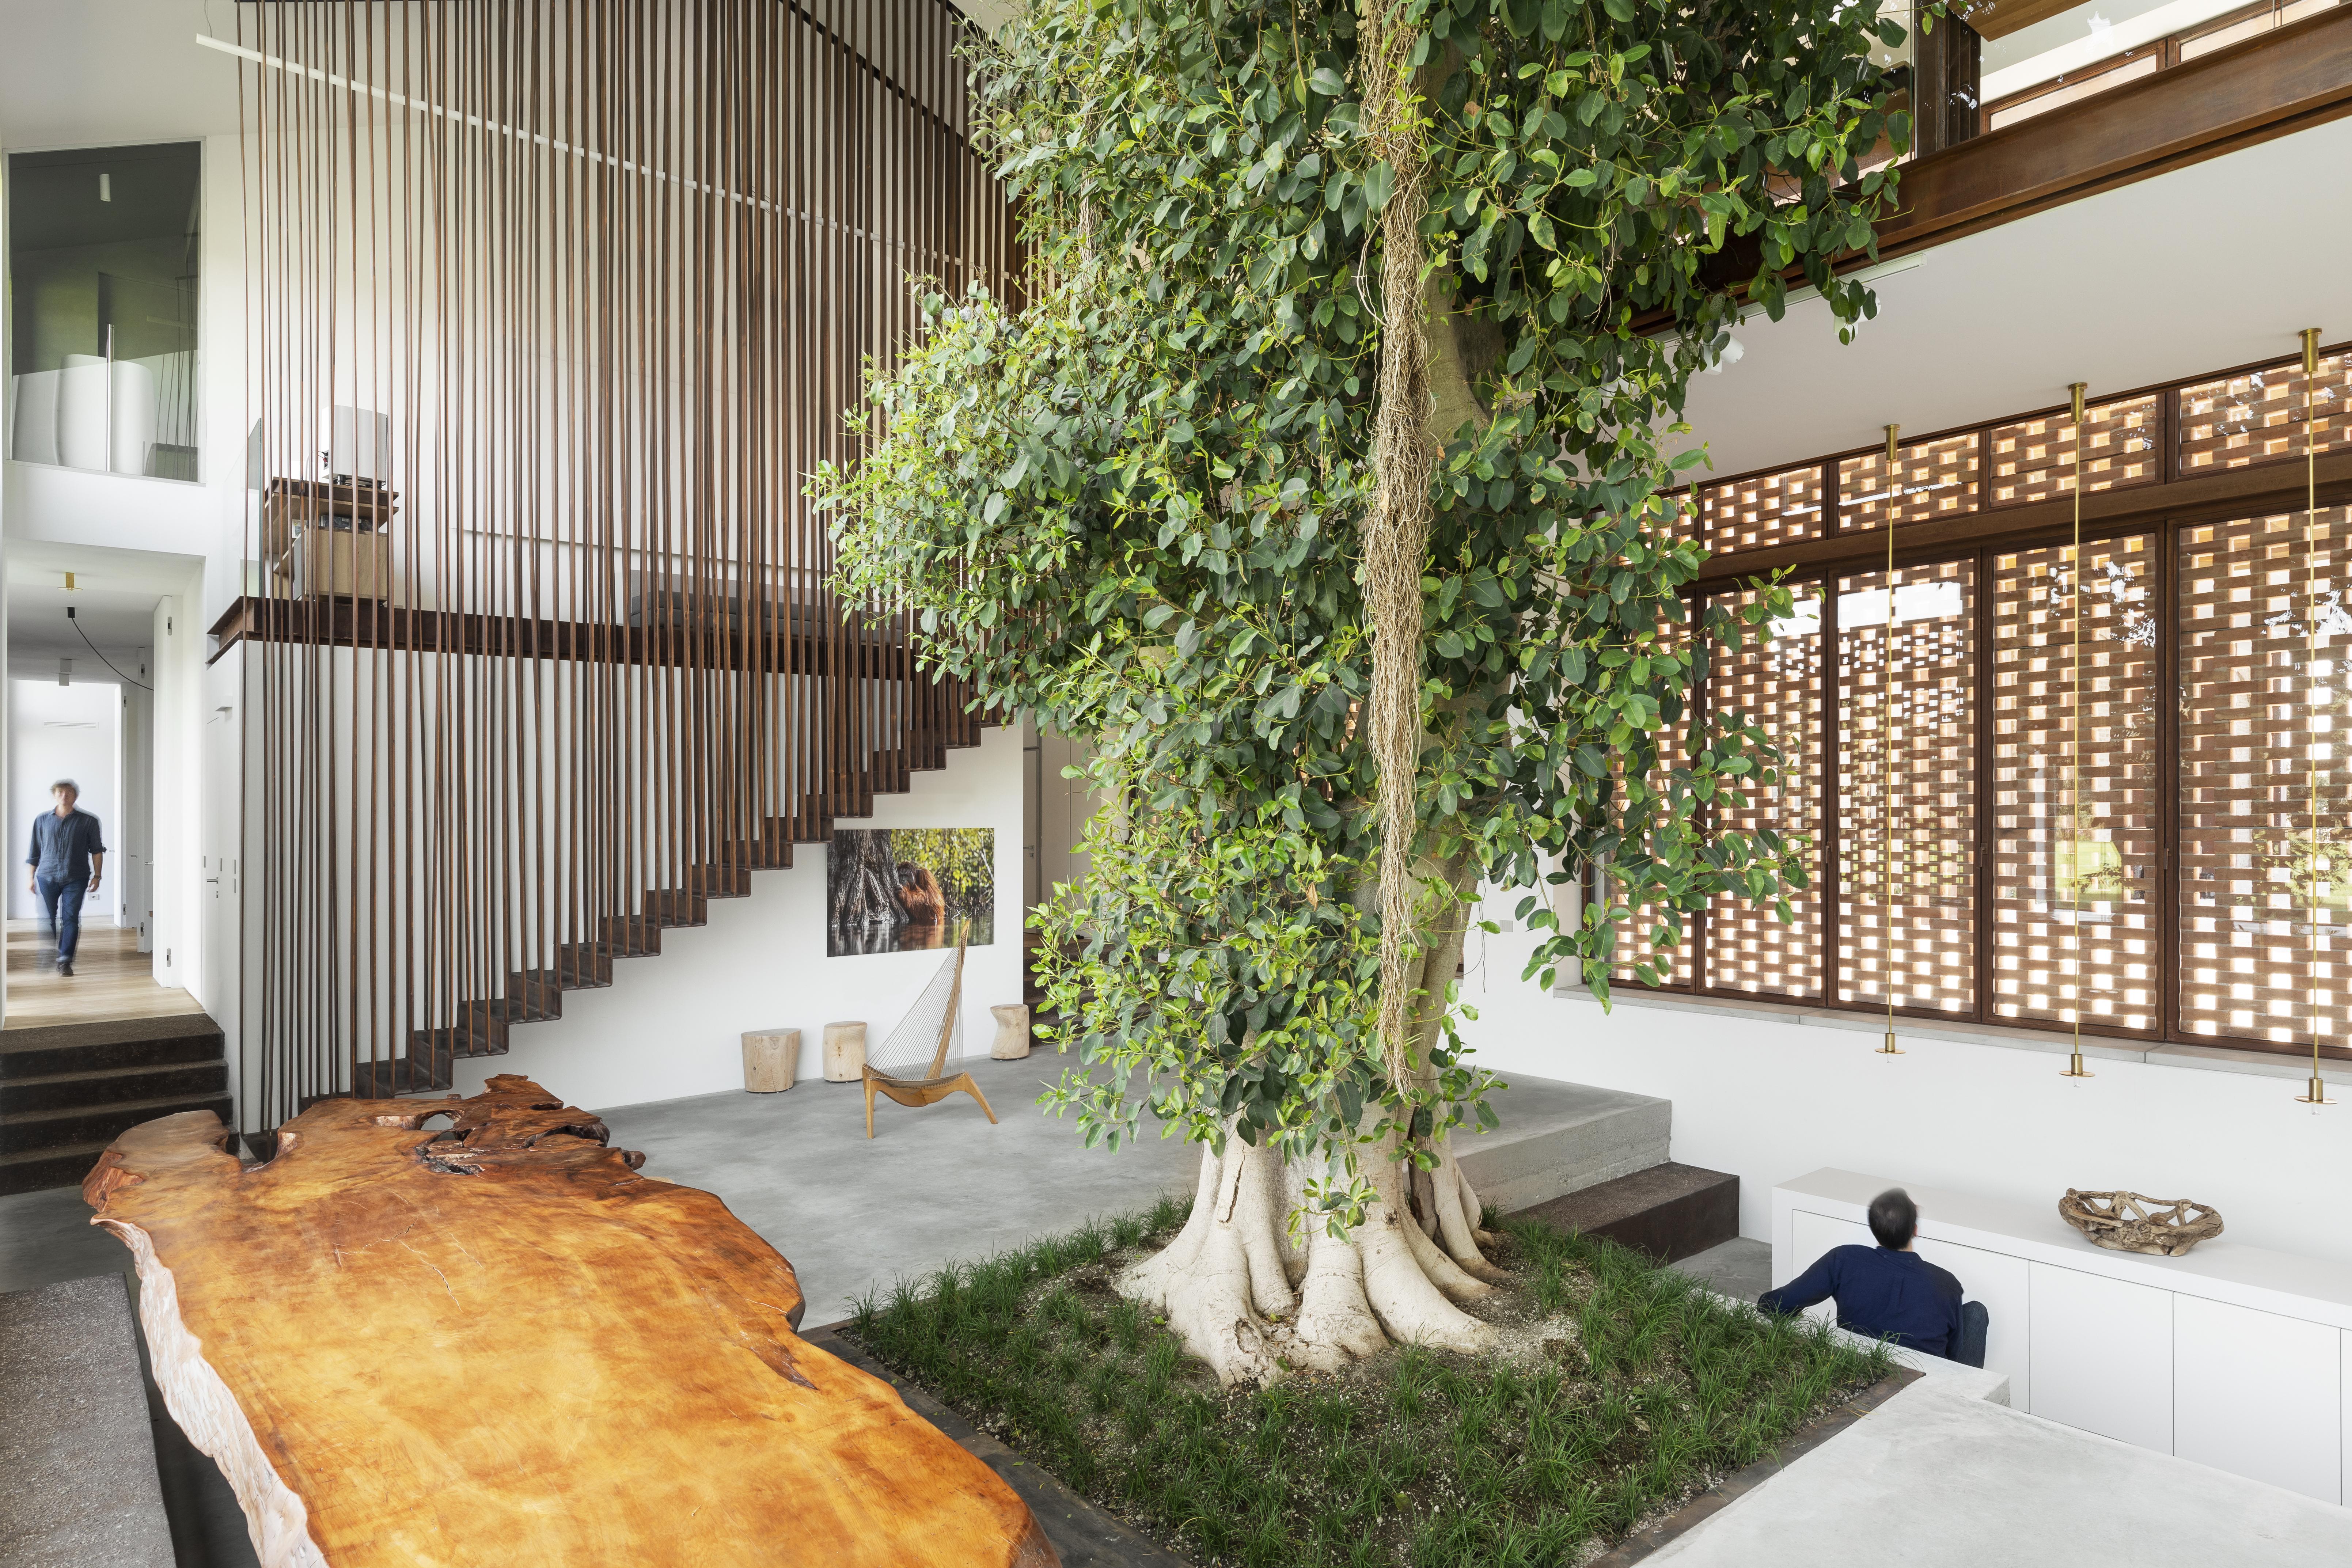 Casa intorno all'albero